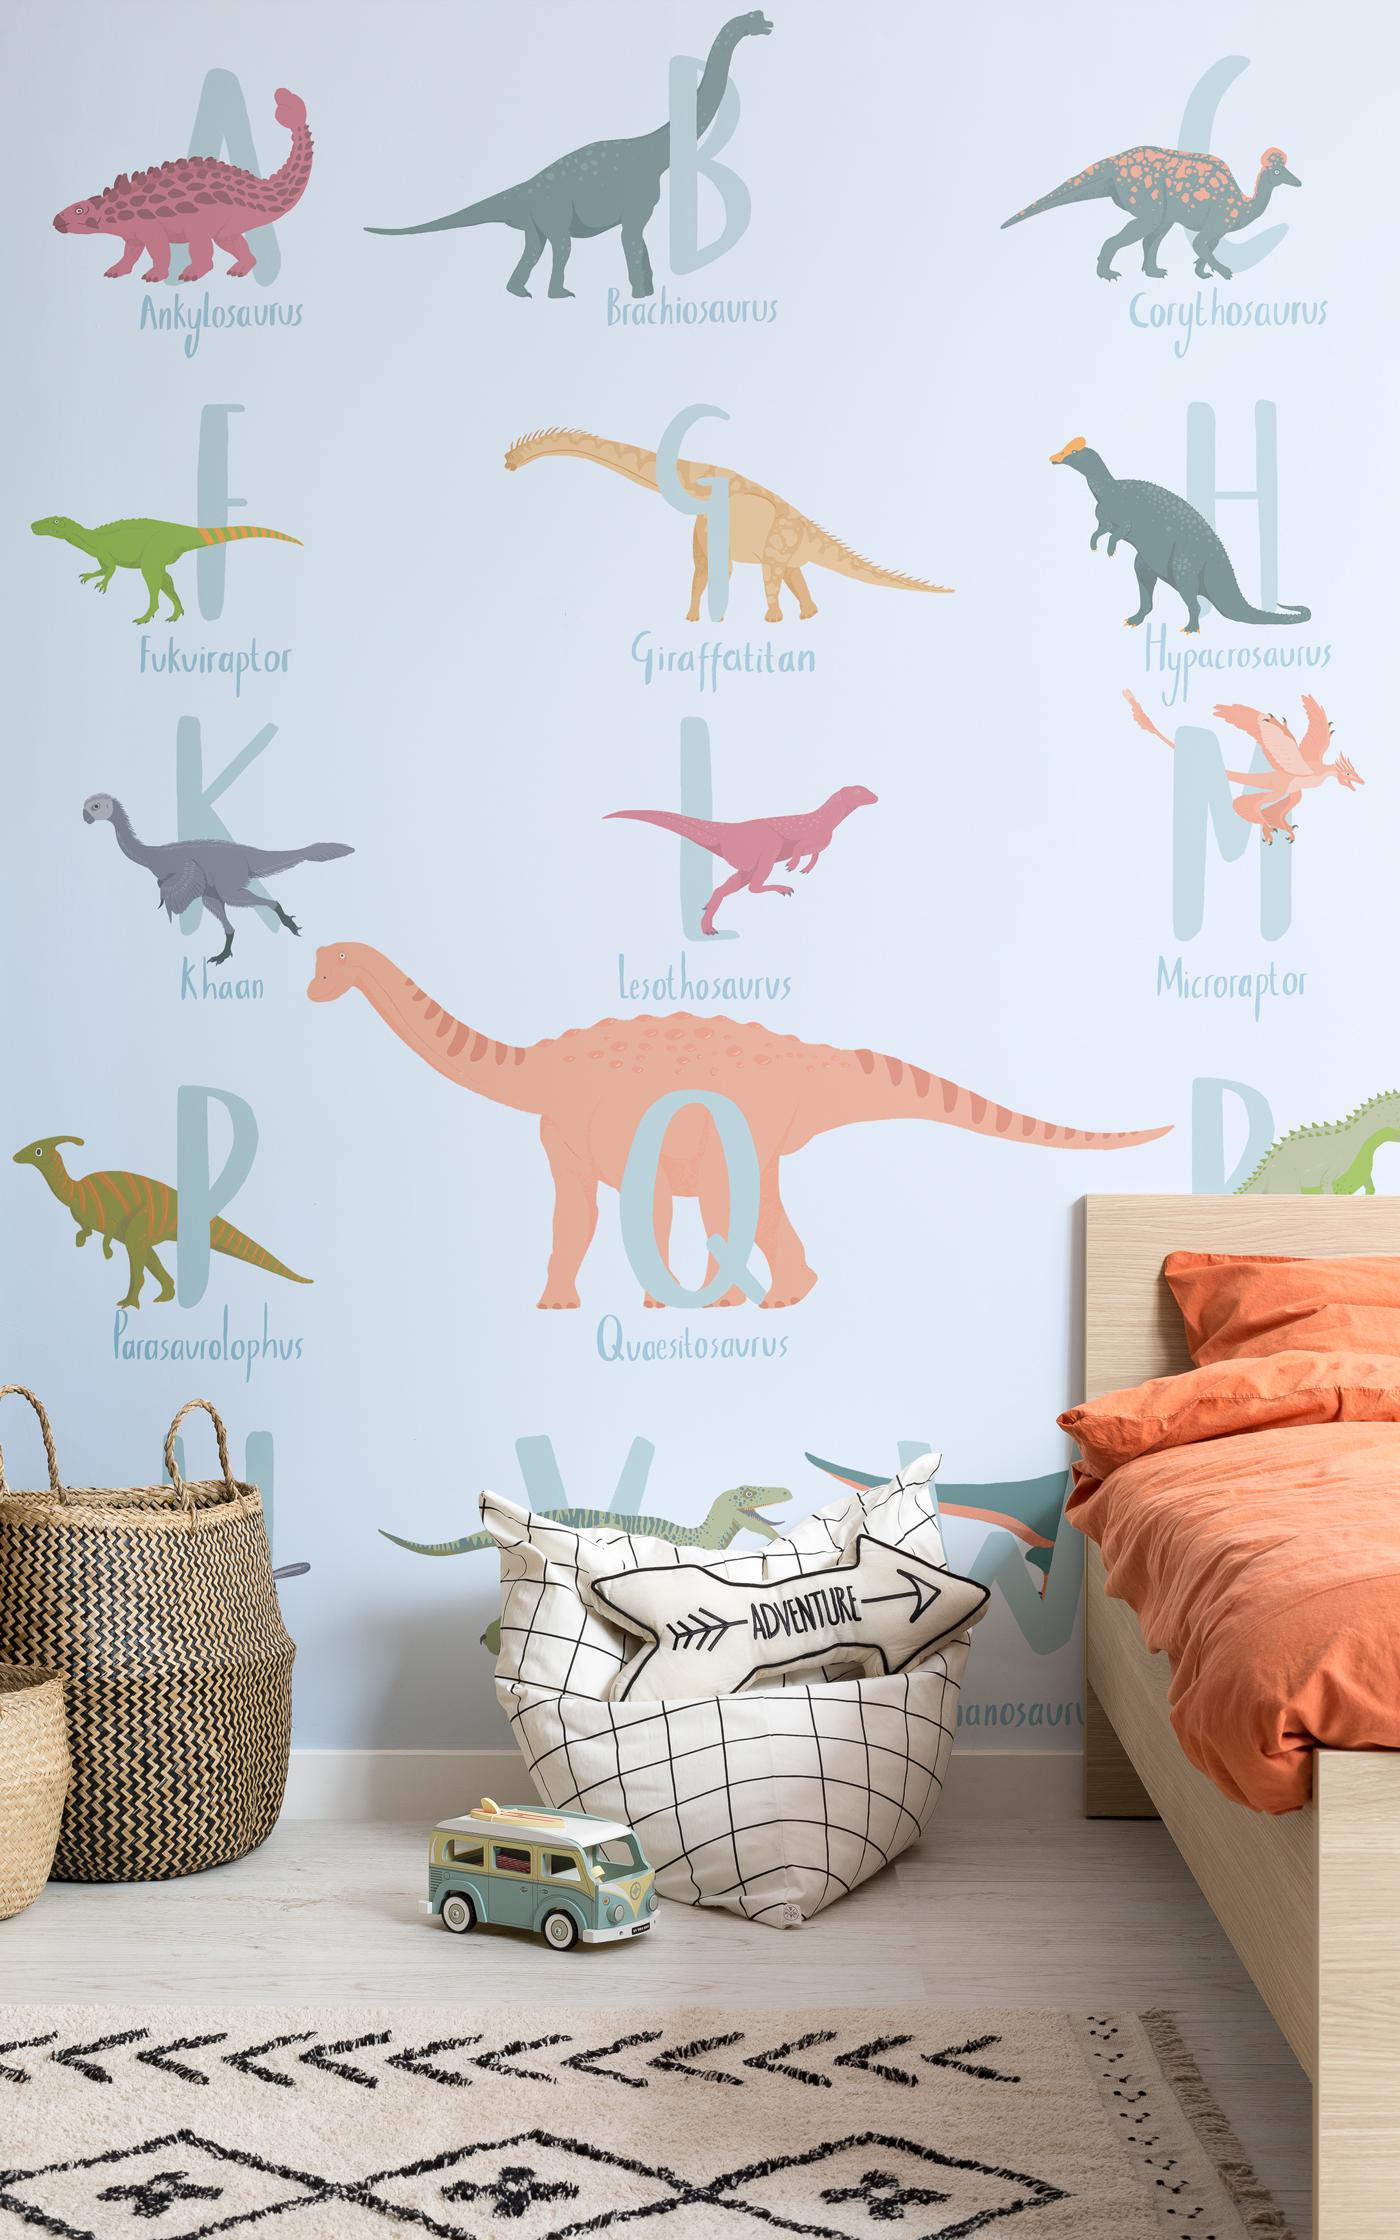 I tuoi bambini imparano l'alfabeto con la carta da parati con i dinosauri